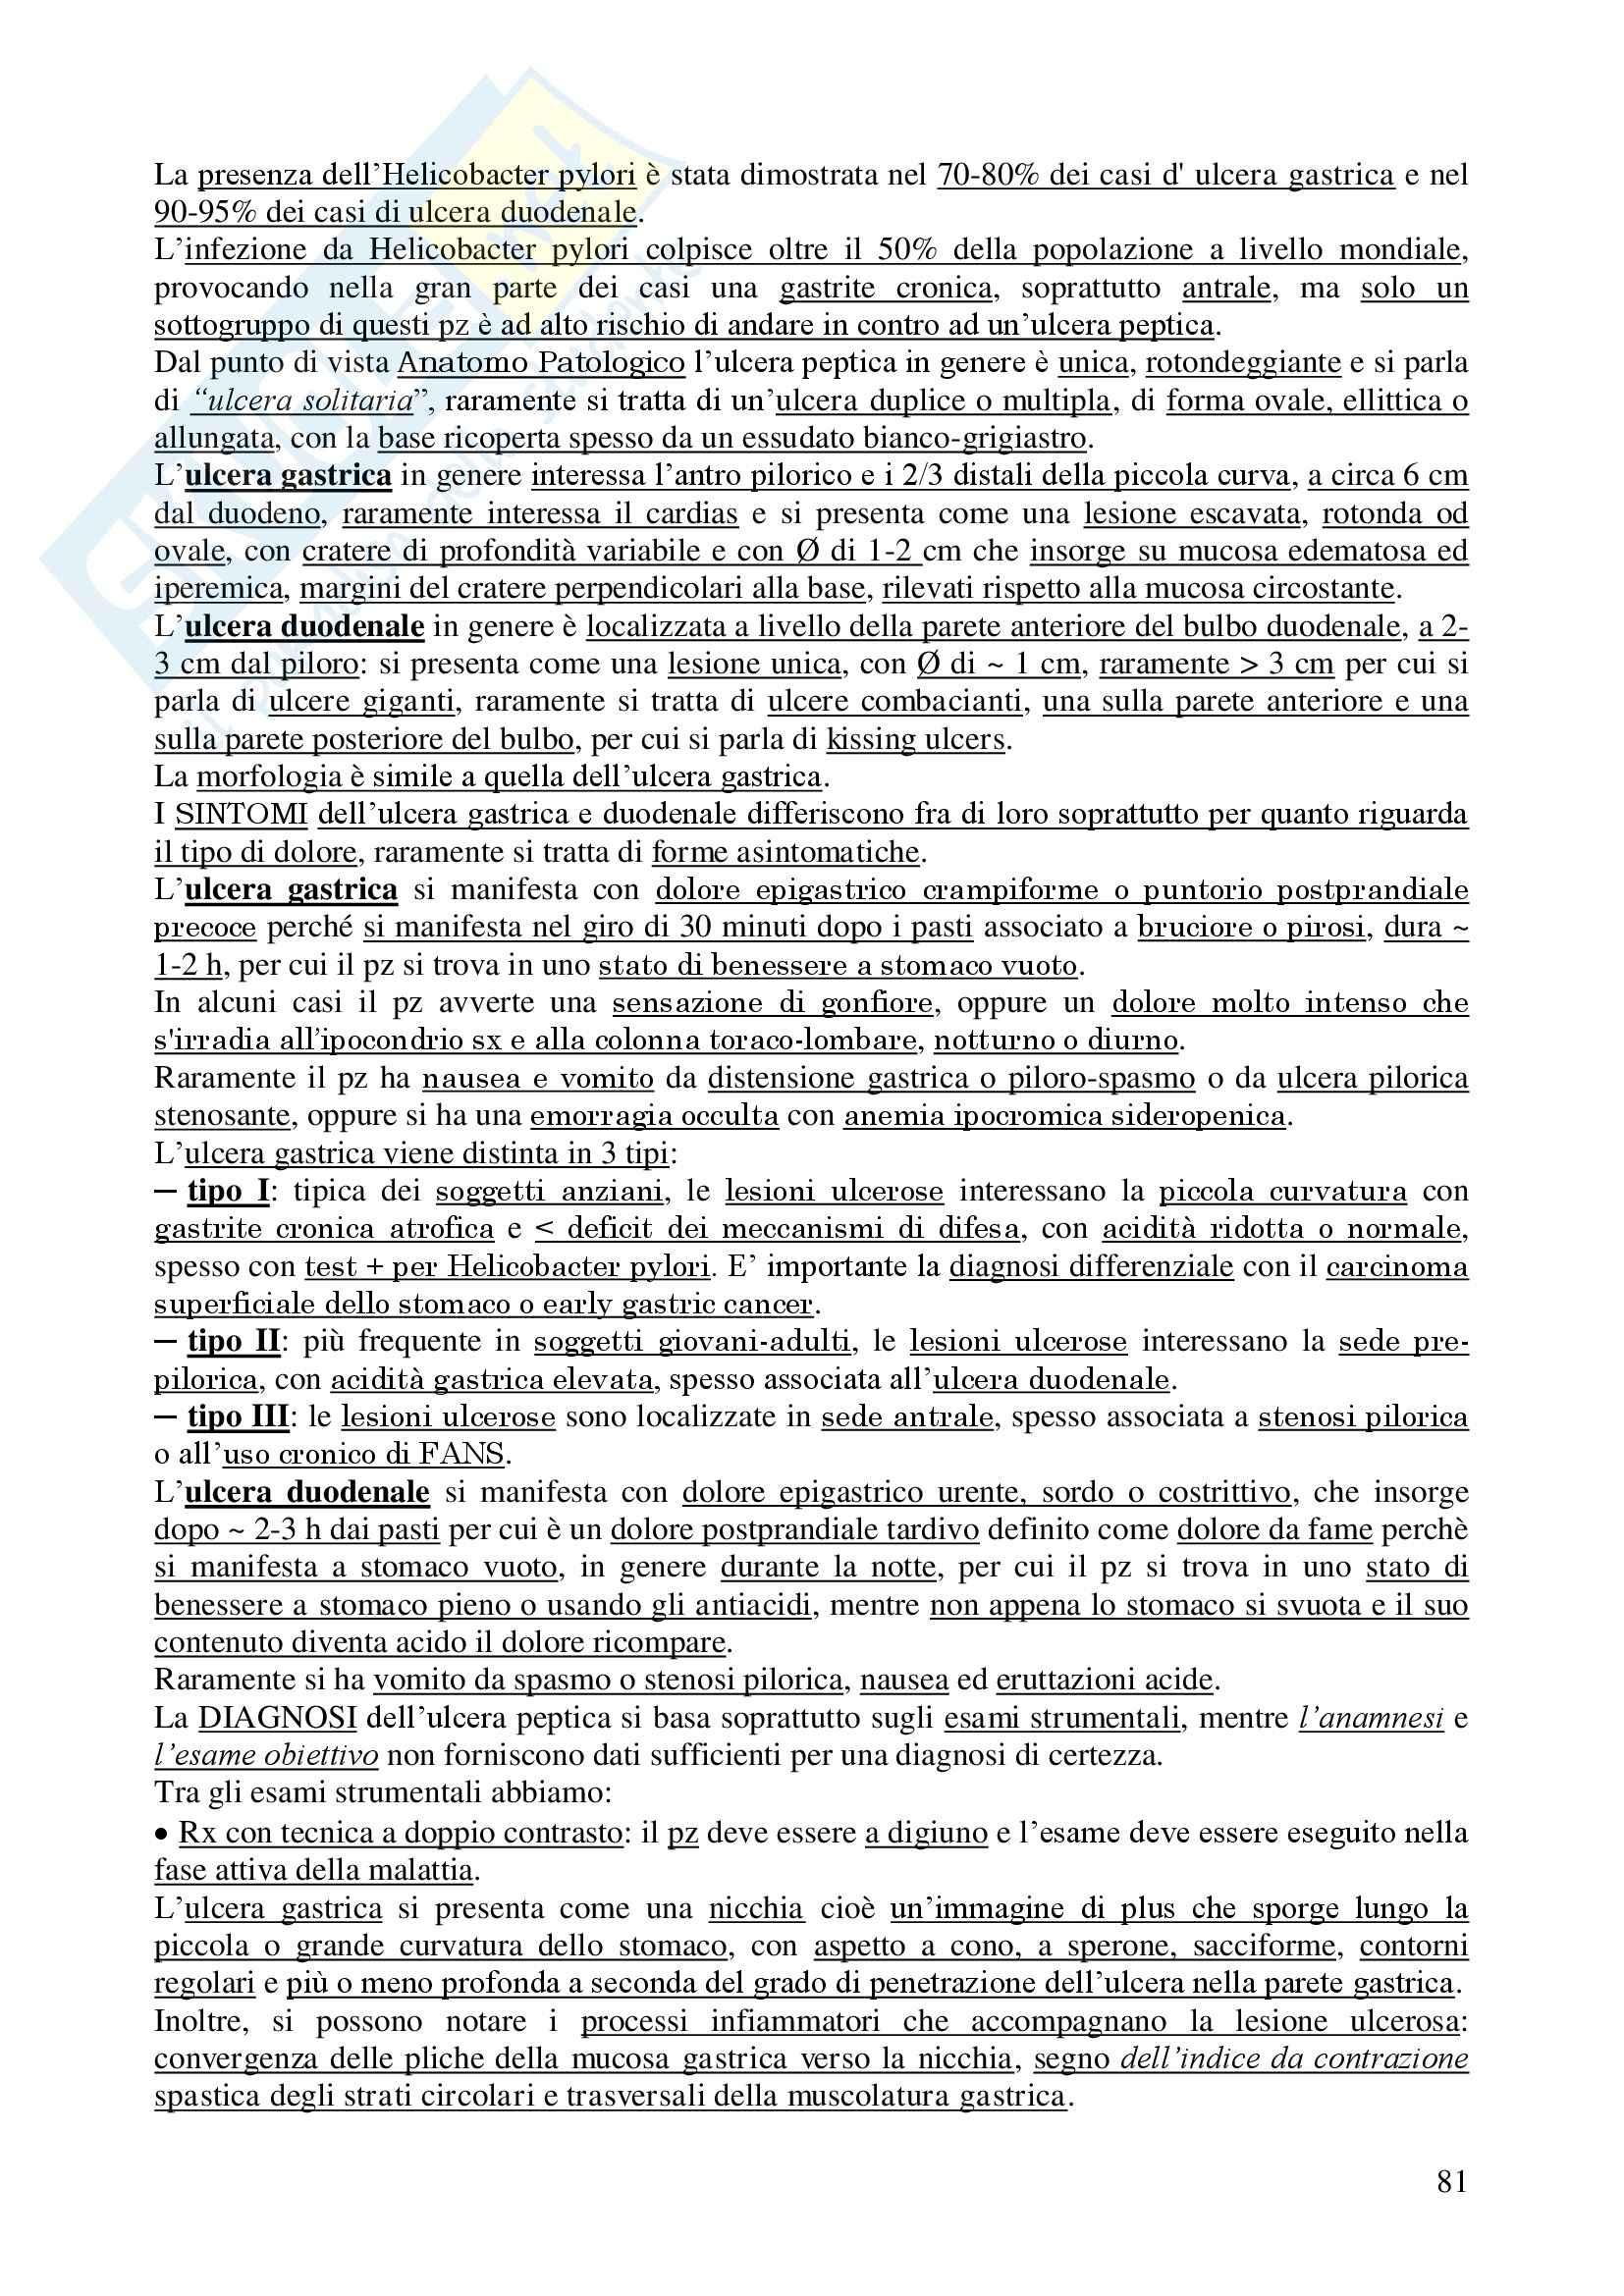 Chirurgia - chirurgia generale - Appunti Pag. 81